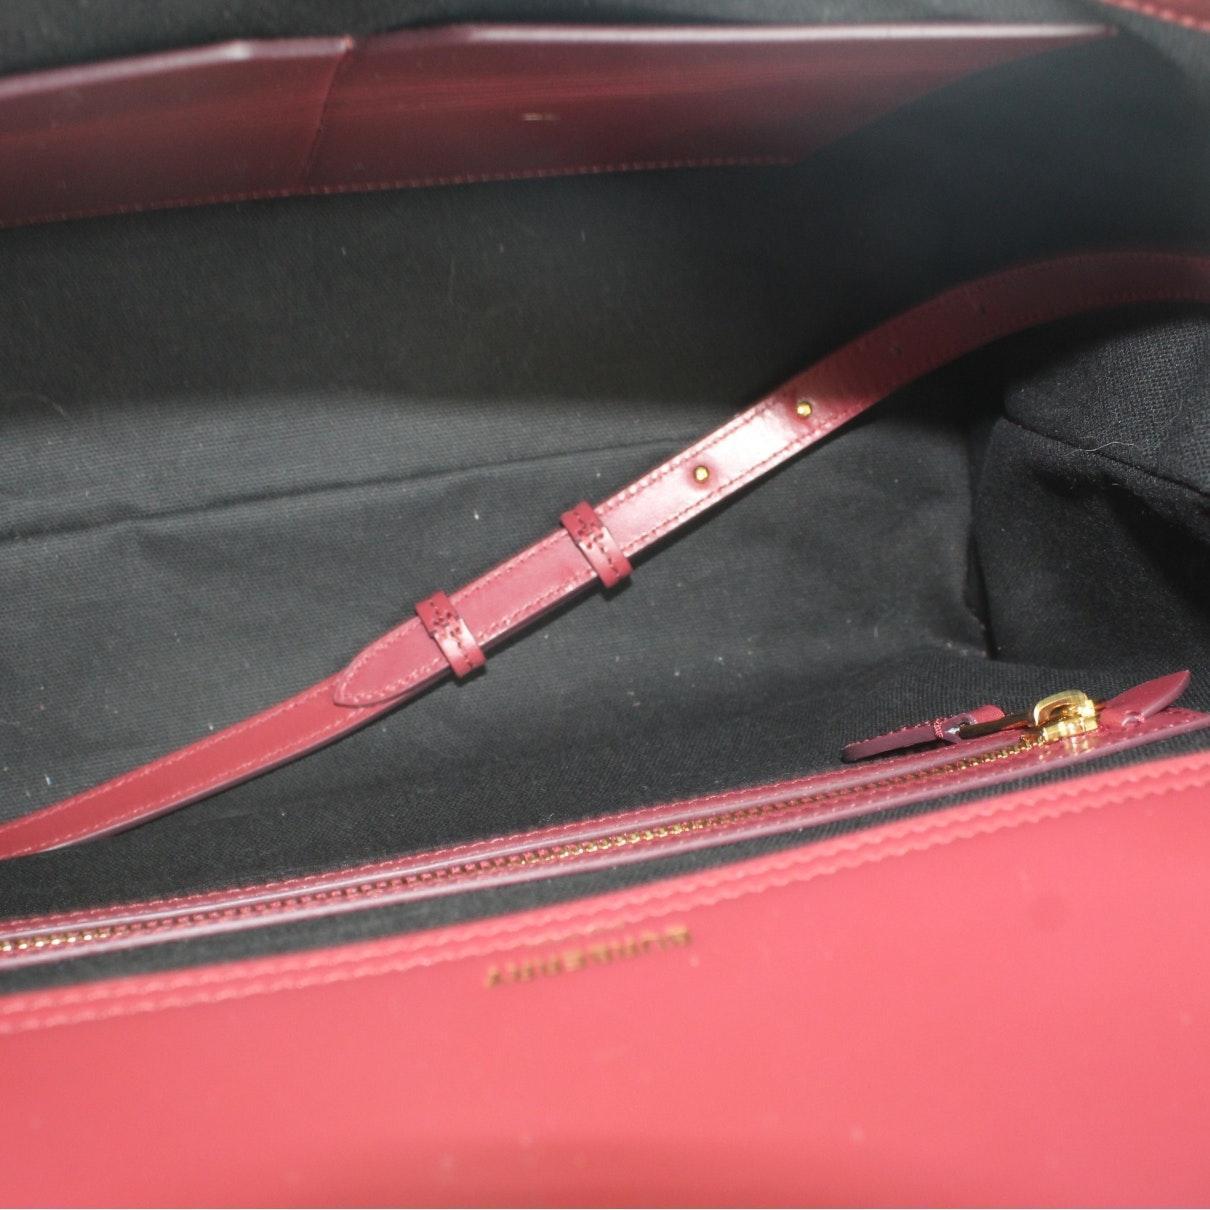 Sac à main N en Cuir Rouge Cuir Burberry en coloris Rouge N3sS